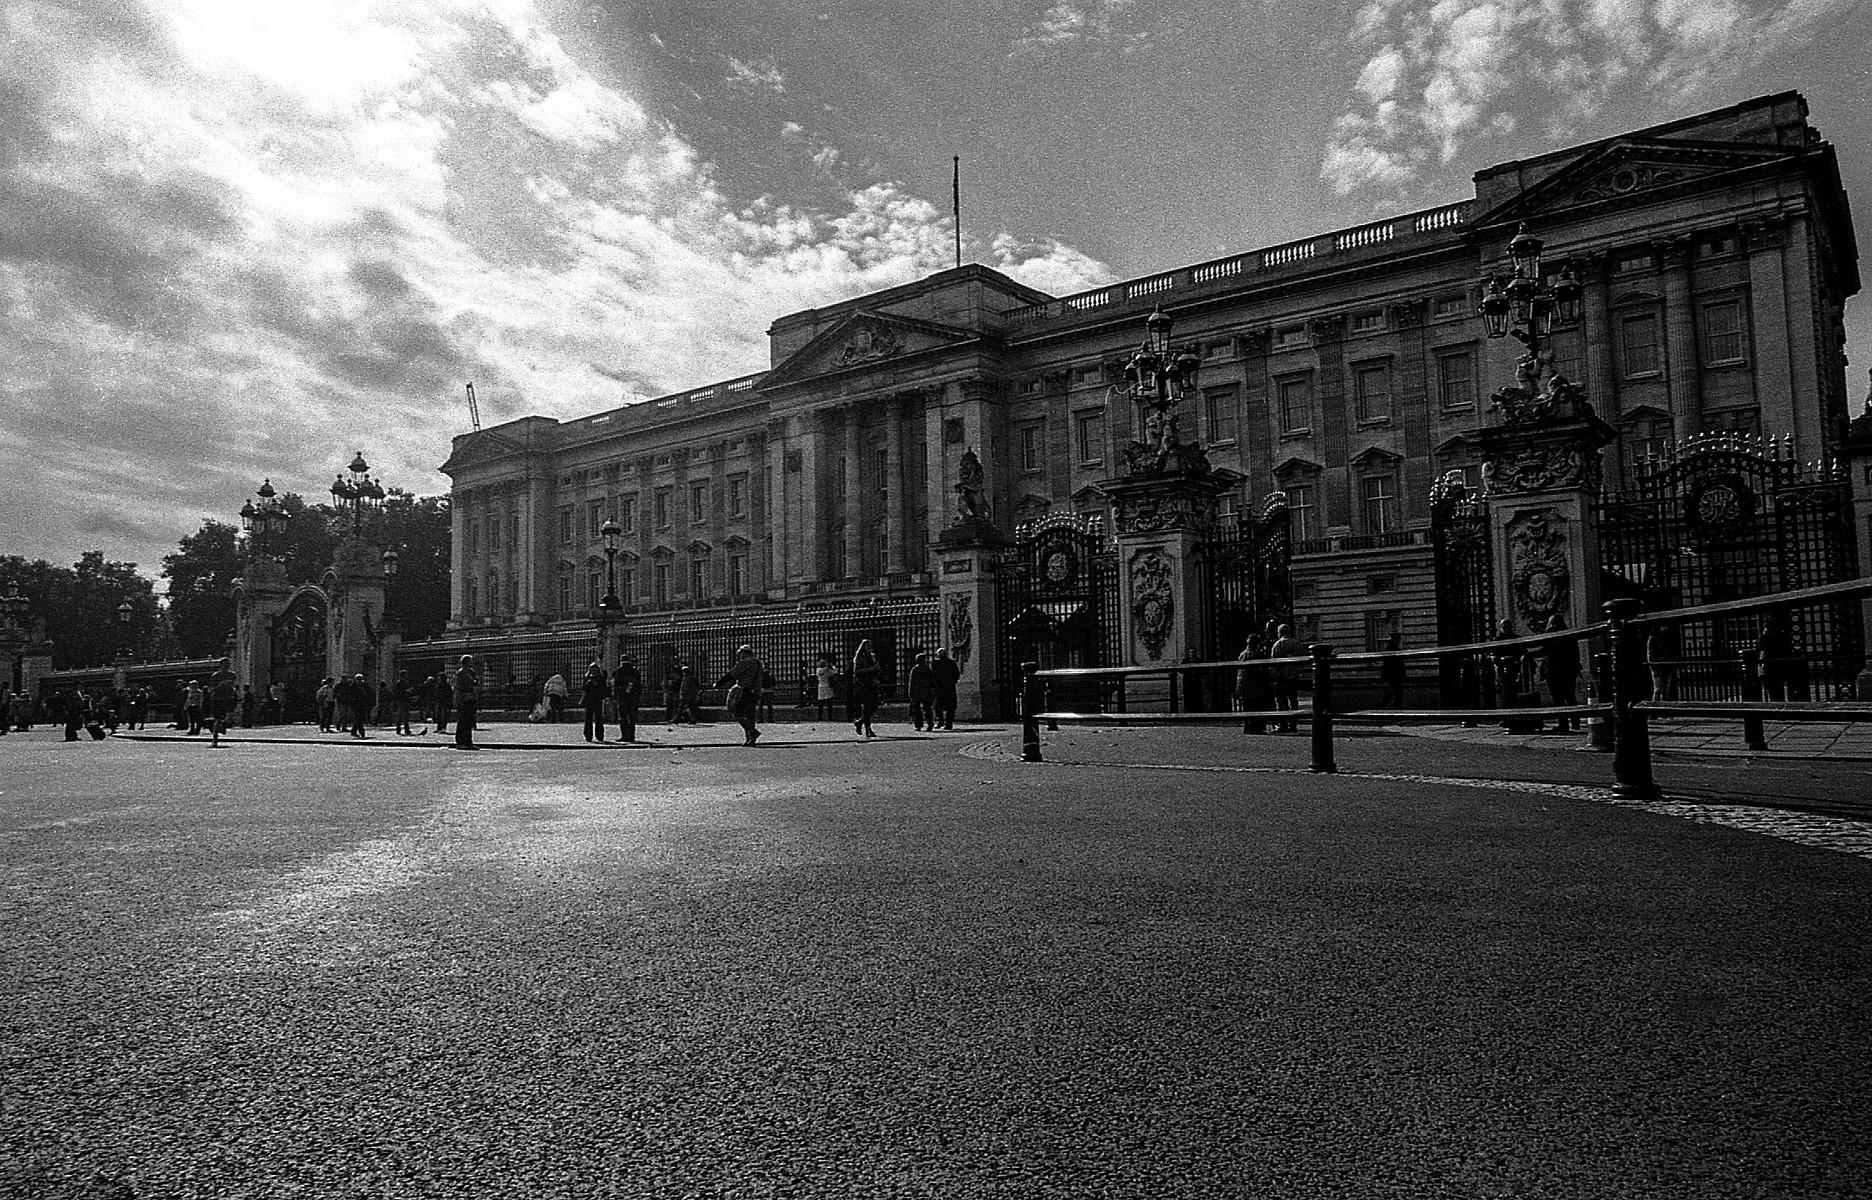 Buckingham Palace, London UK